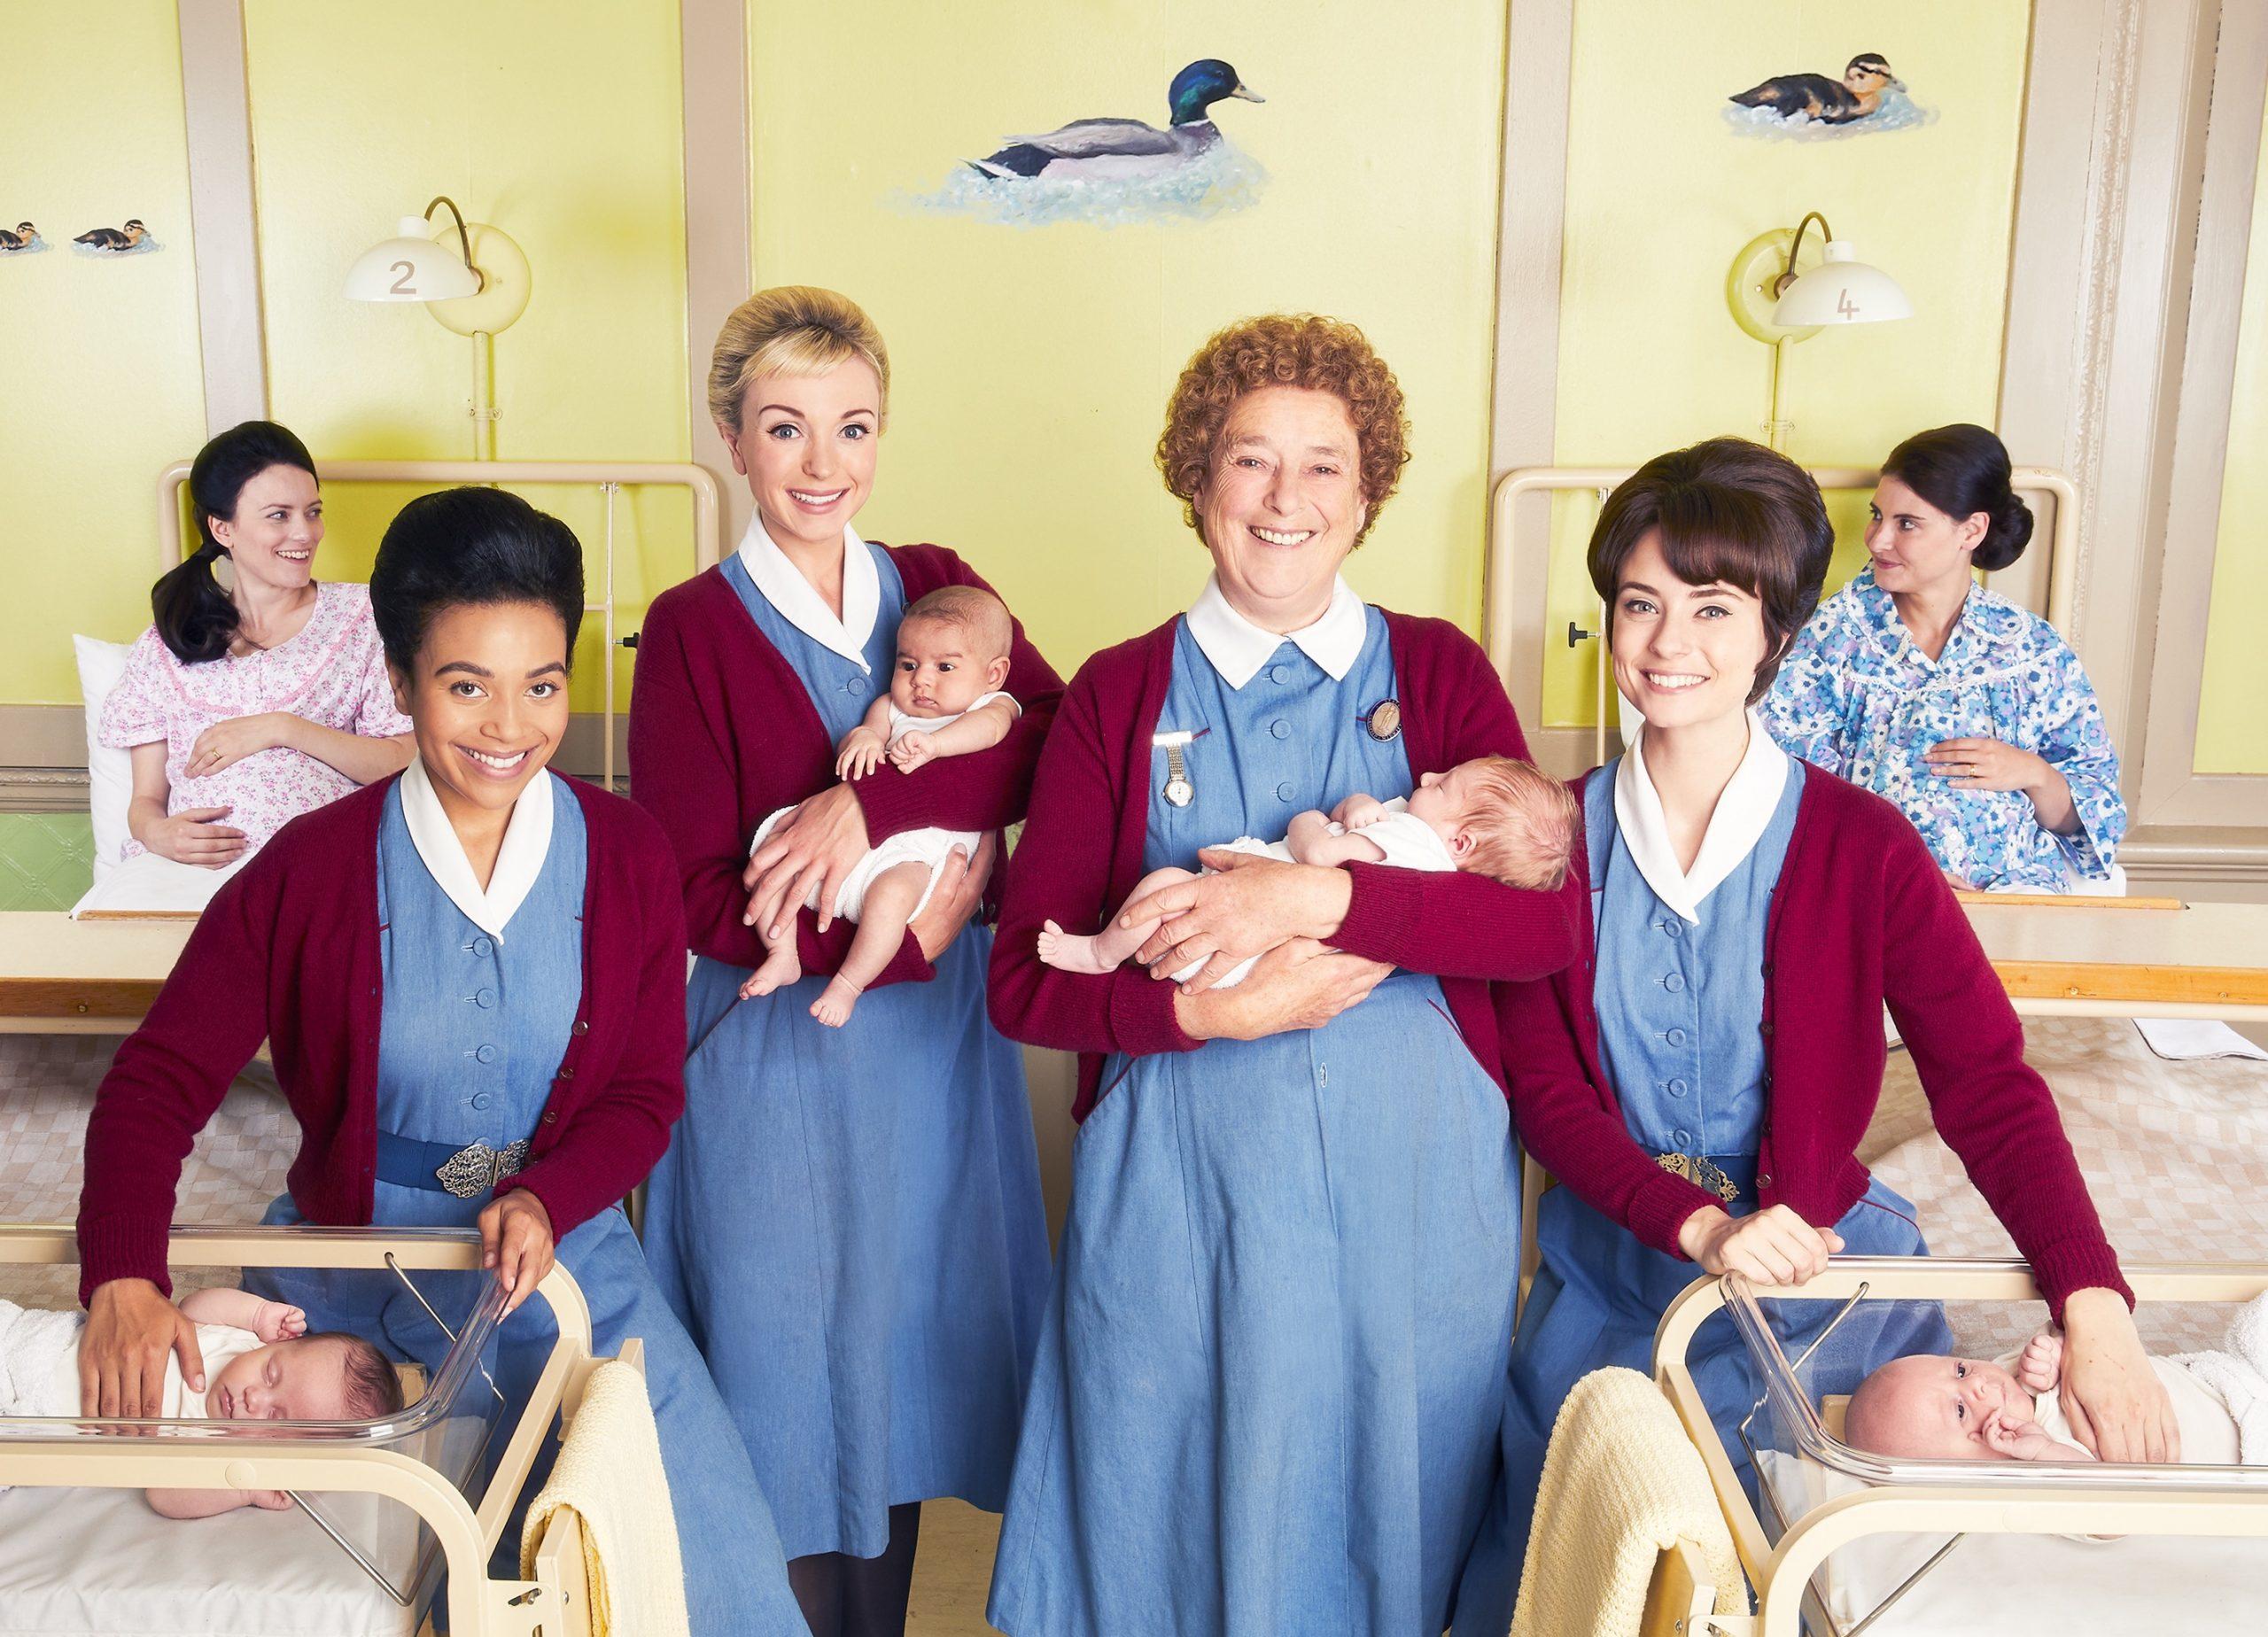 Call the Midwife Season 9 cast